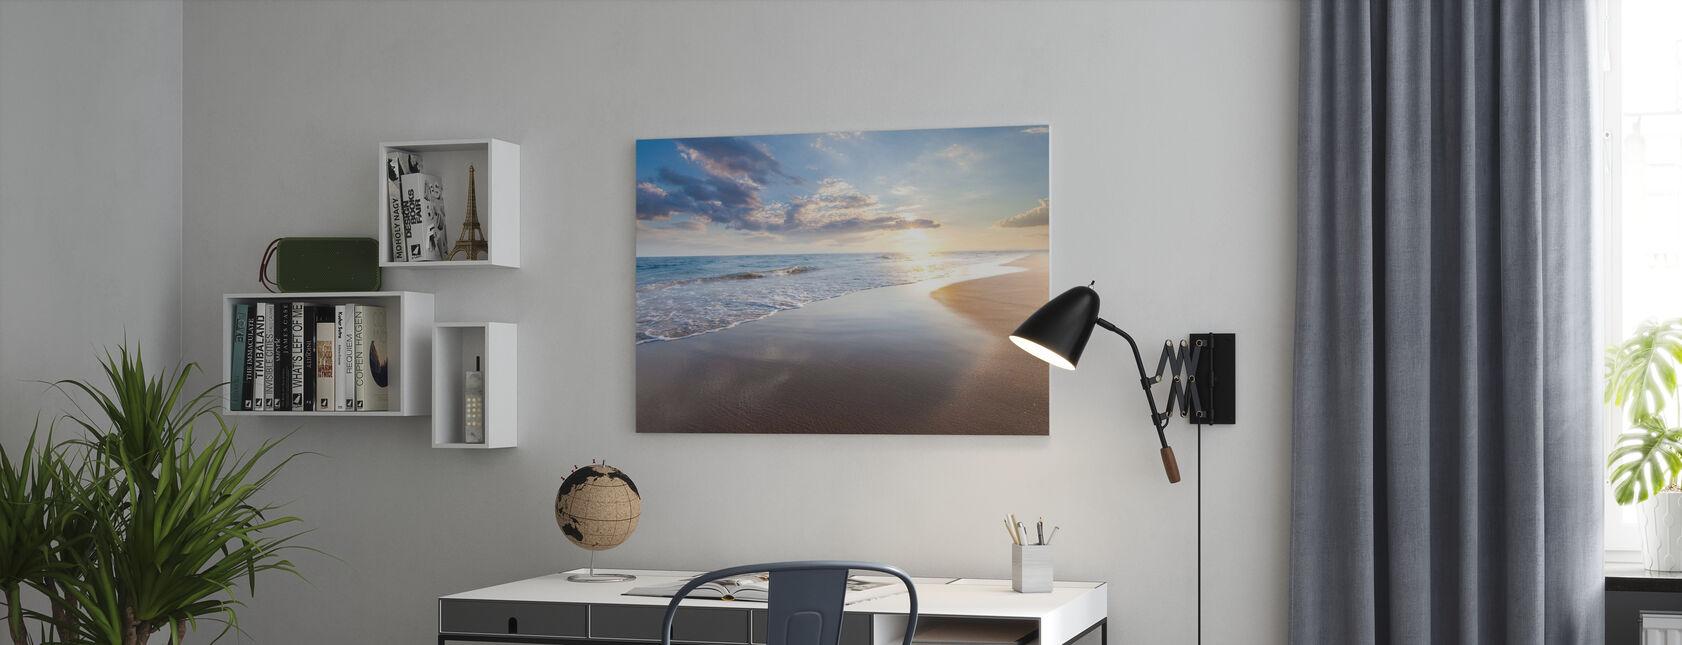 Auringonnousu meren yllä - Canvastaulu - Toimisto